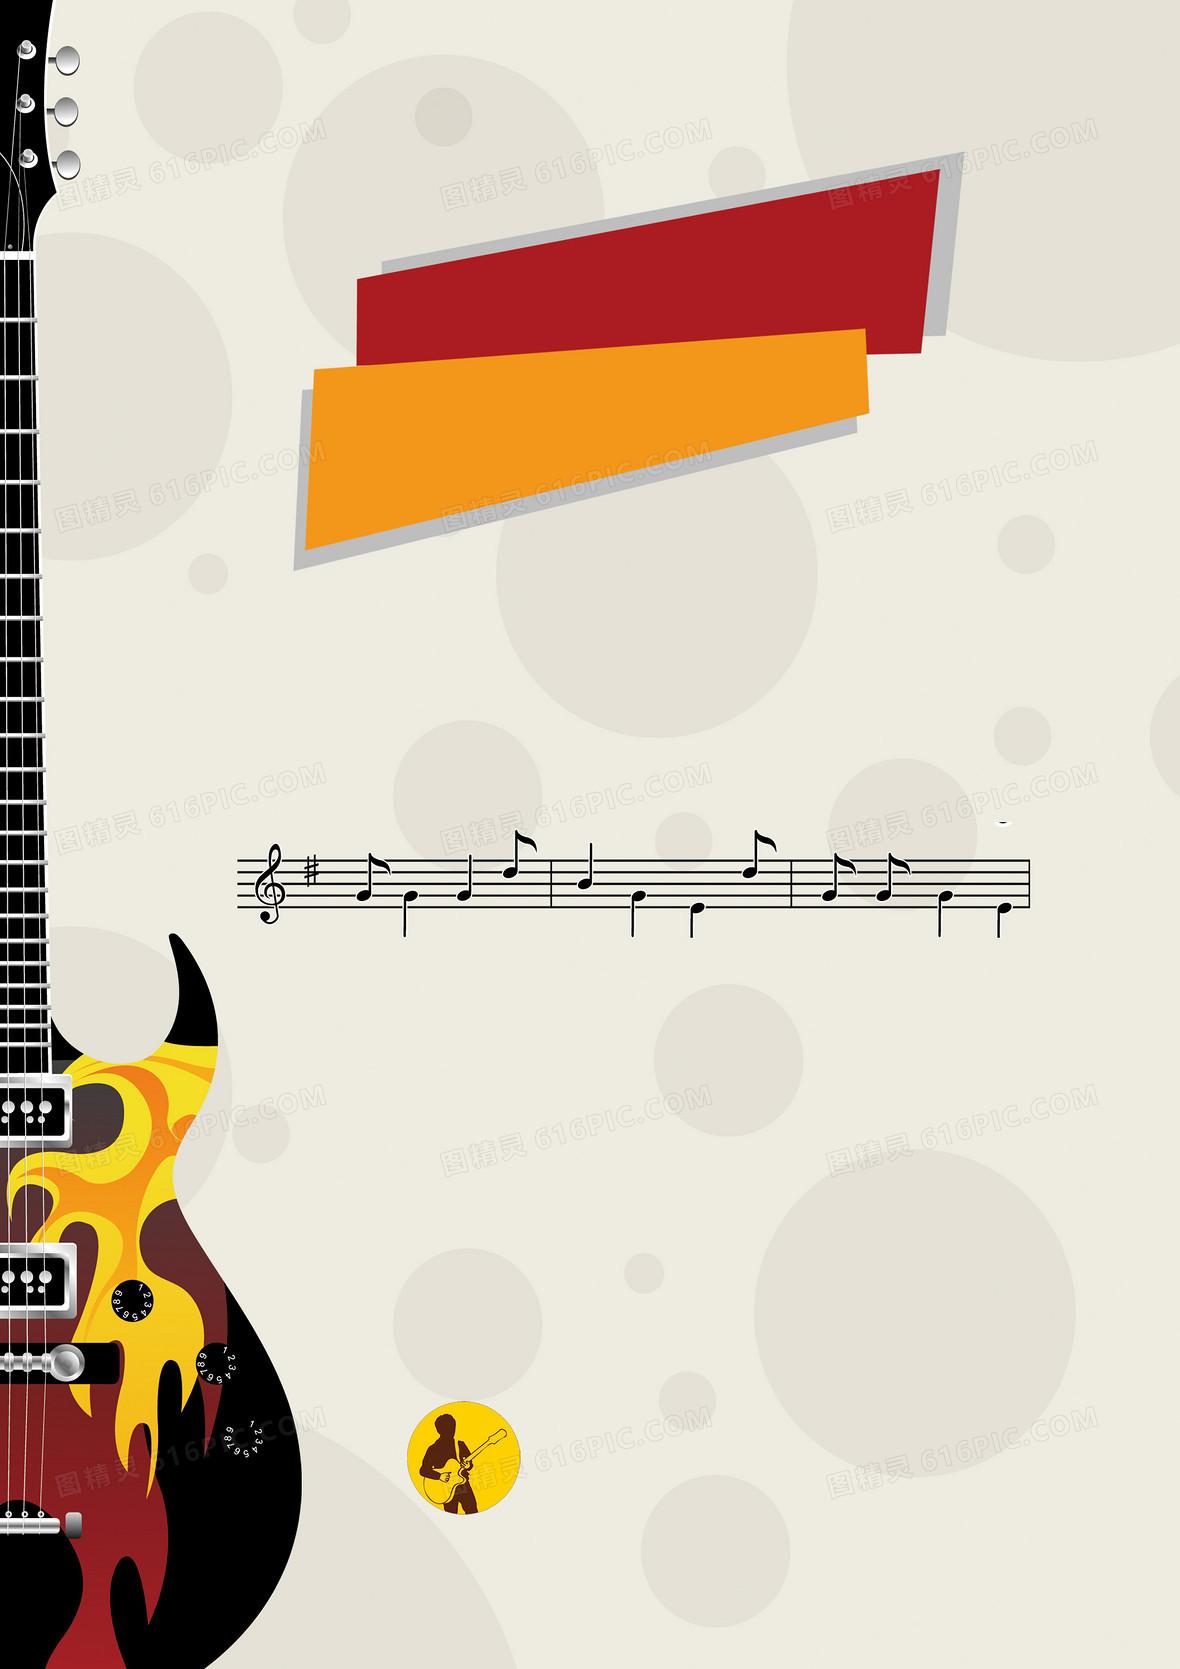 手绘简约吉他培训招生背景素材